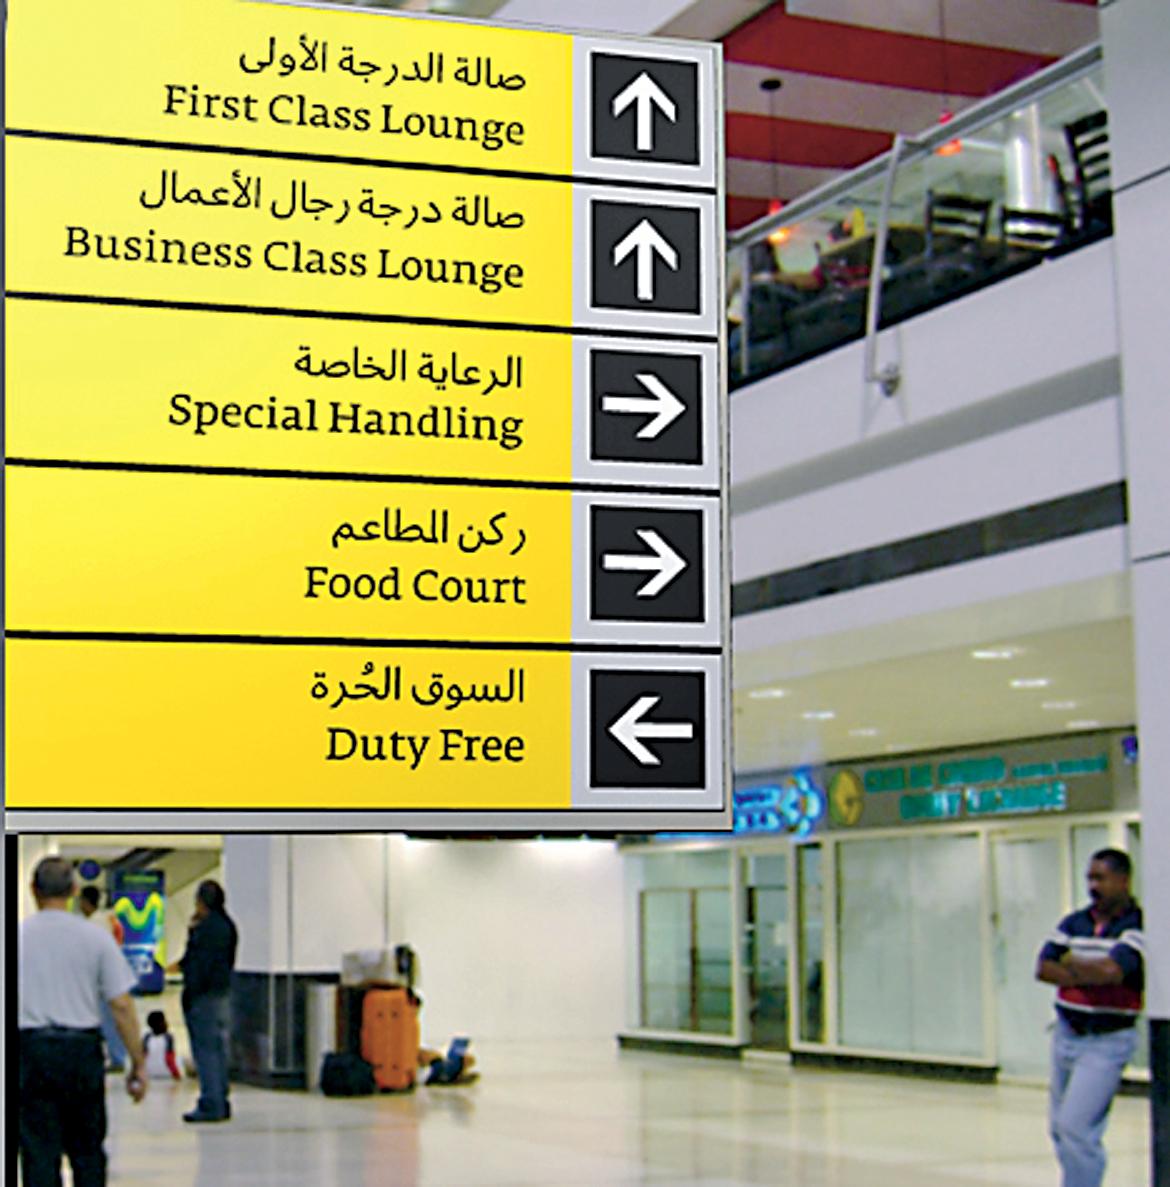 bilak peter arabic font sign